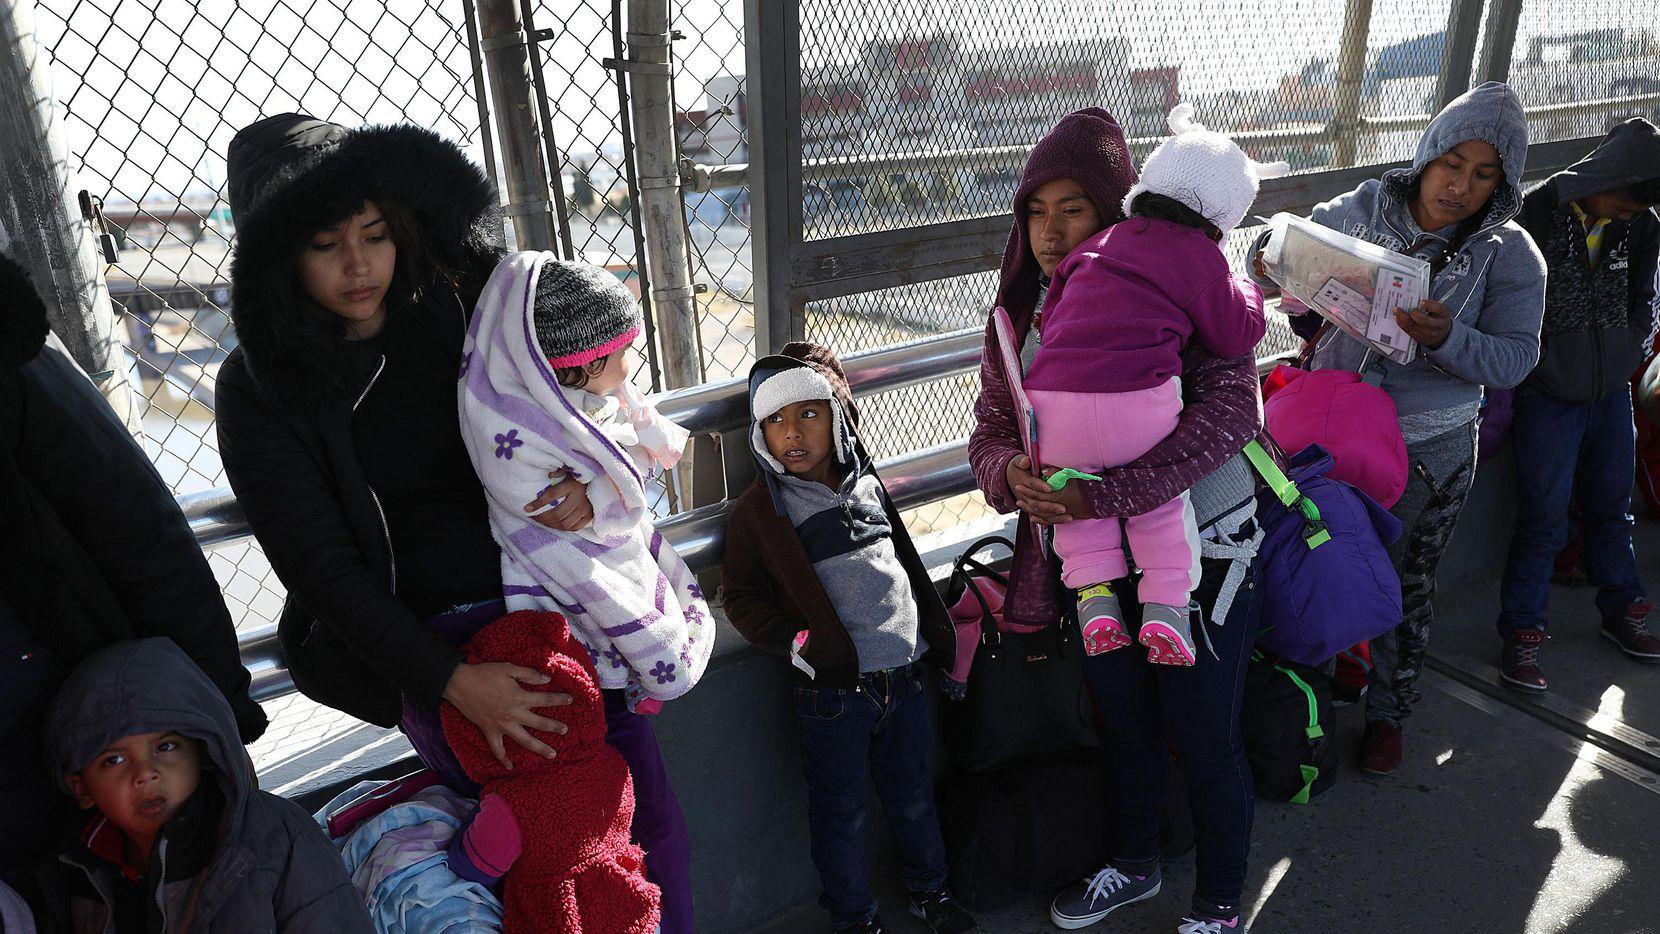 Un grupo de migrantes de Honduras y Cuba esperan en un puente internacional enre Ciudad Juárez y El Paso, en espera de una cita para peticionar asilo migratorio en Estados Unidos. (Joe Raedle/Getty Images) (Getty Images/Joe Raedle)